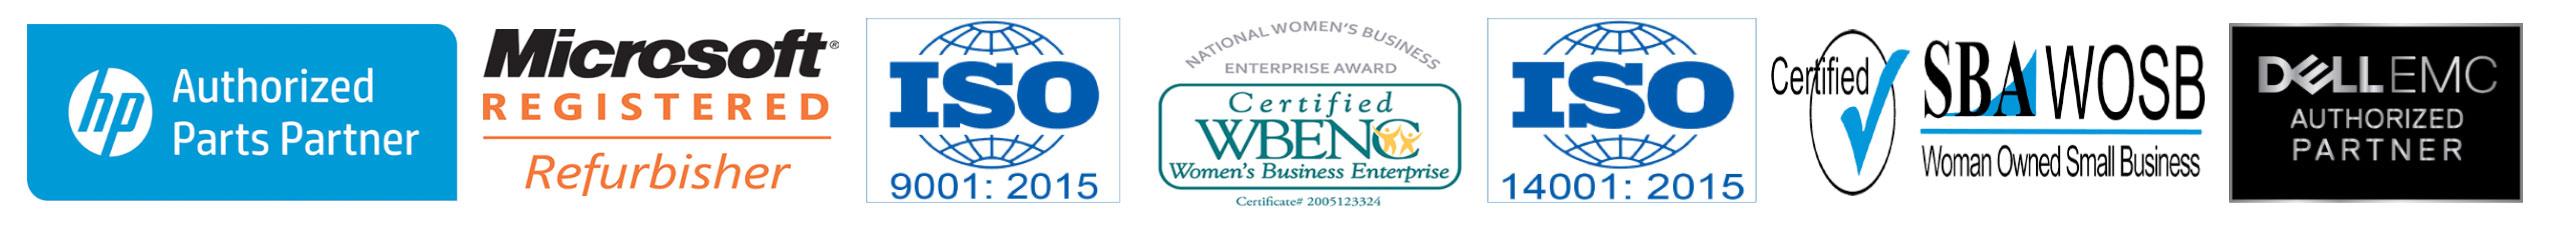 2020 Big Blue Products Certification Badges Header